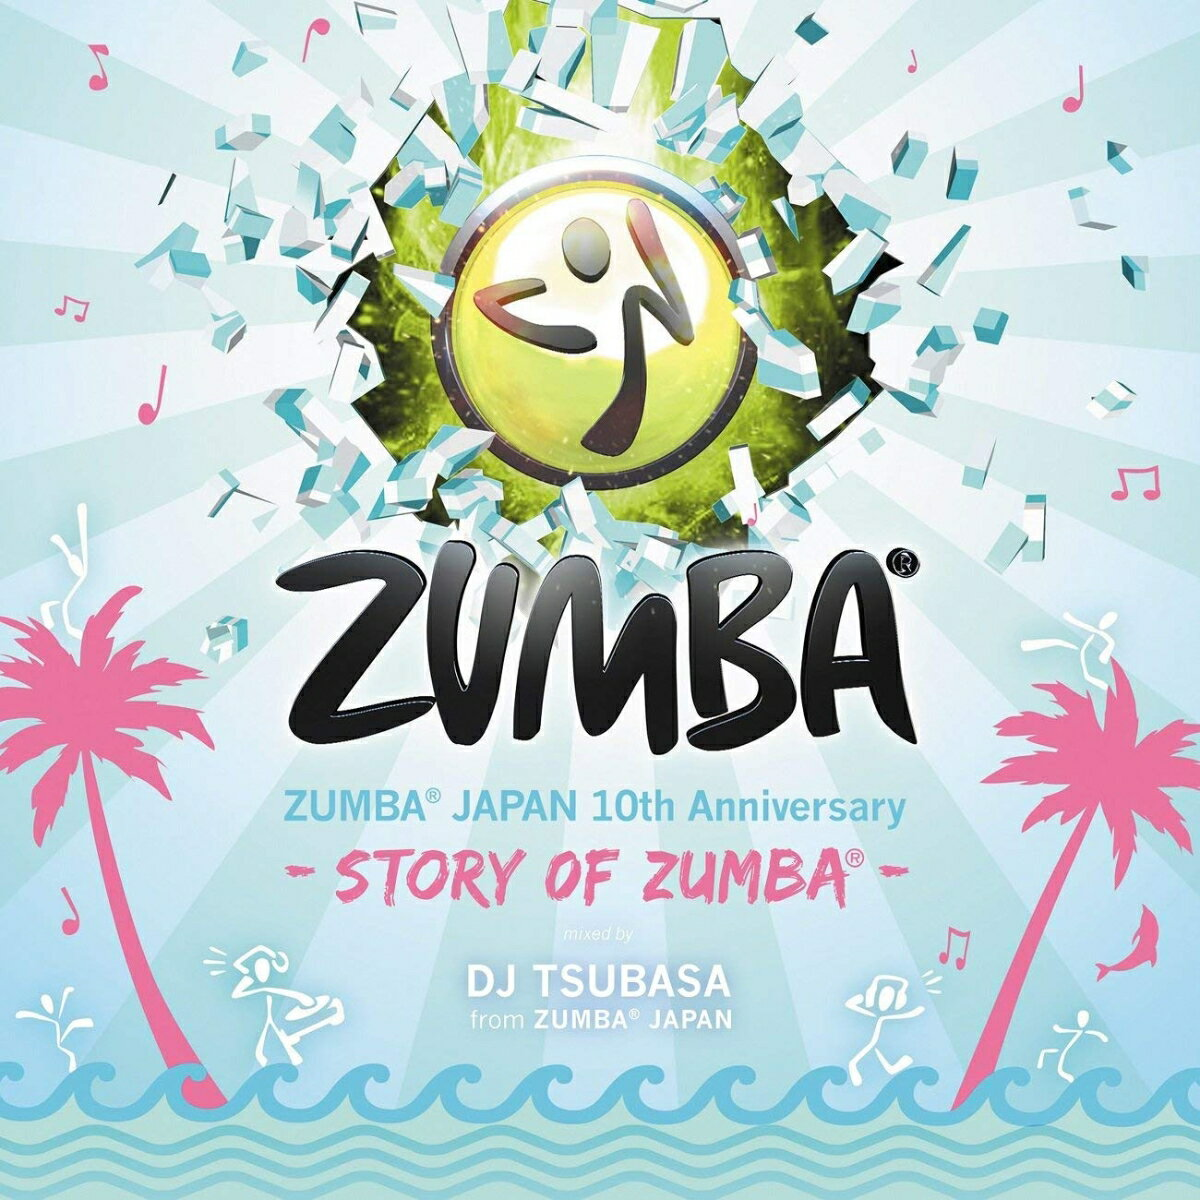 ZUMBA JAPAN 10th Anniversary -STORY OF ZUMBA- mixed by DJ TSUBASA from ZUMBA JAPAN [ DJ TSUBASA ]